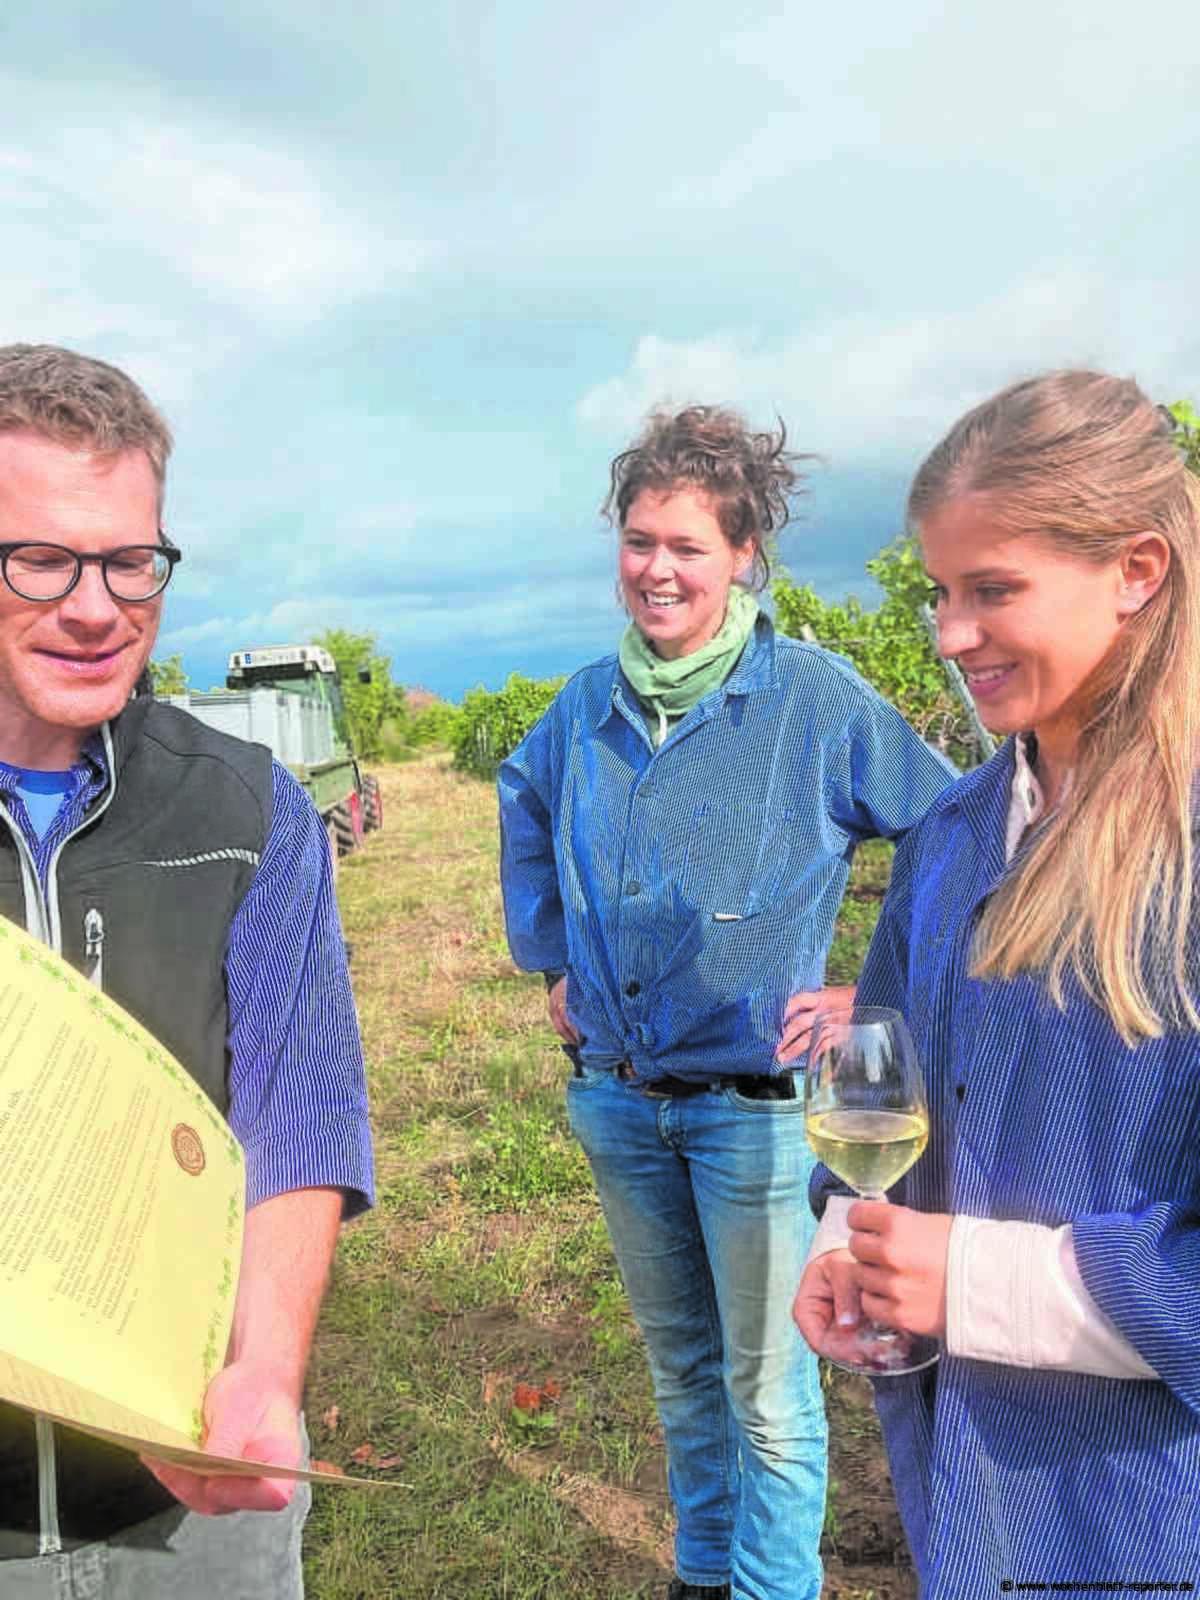 Ehrung durch Manfred Dörr: Elisabeth Seitz erhält Rebstock im Paradiesgarten Deidesheim - Deidesheim - Wochenblatt-Reporter